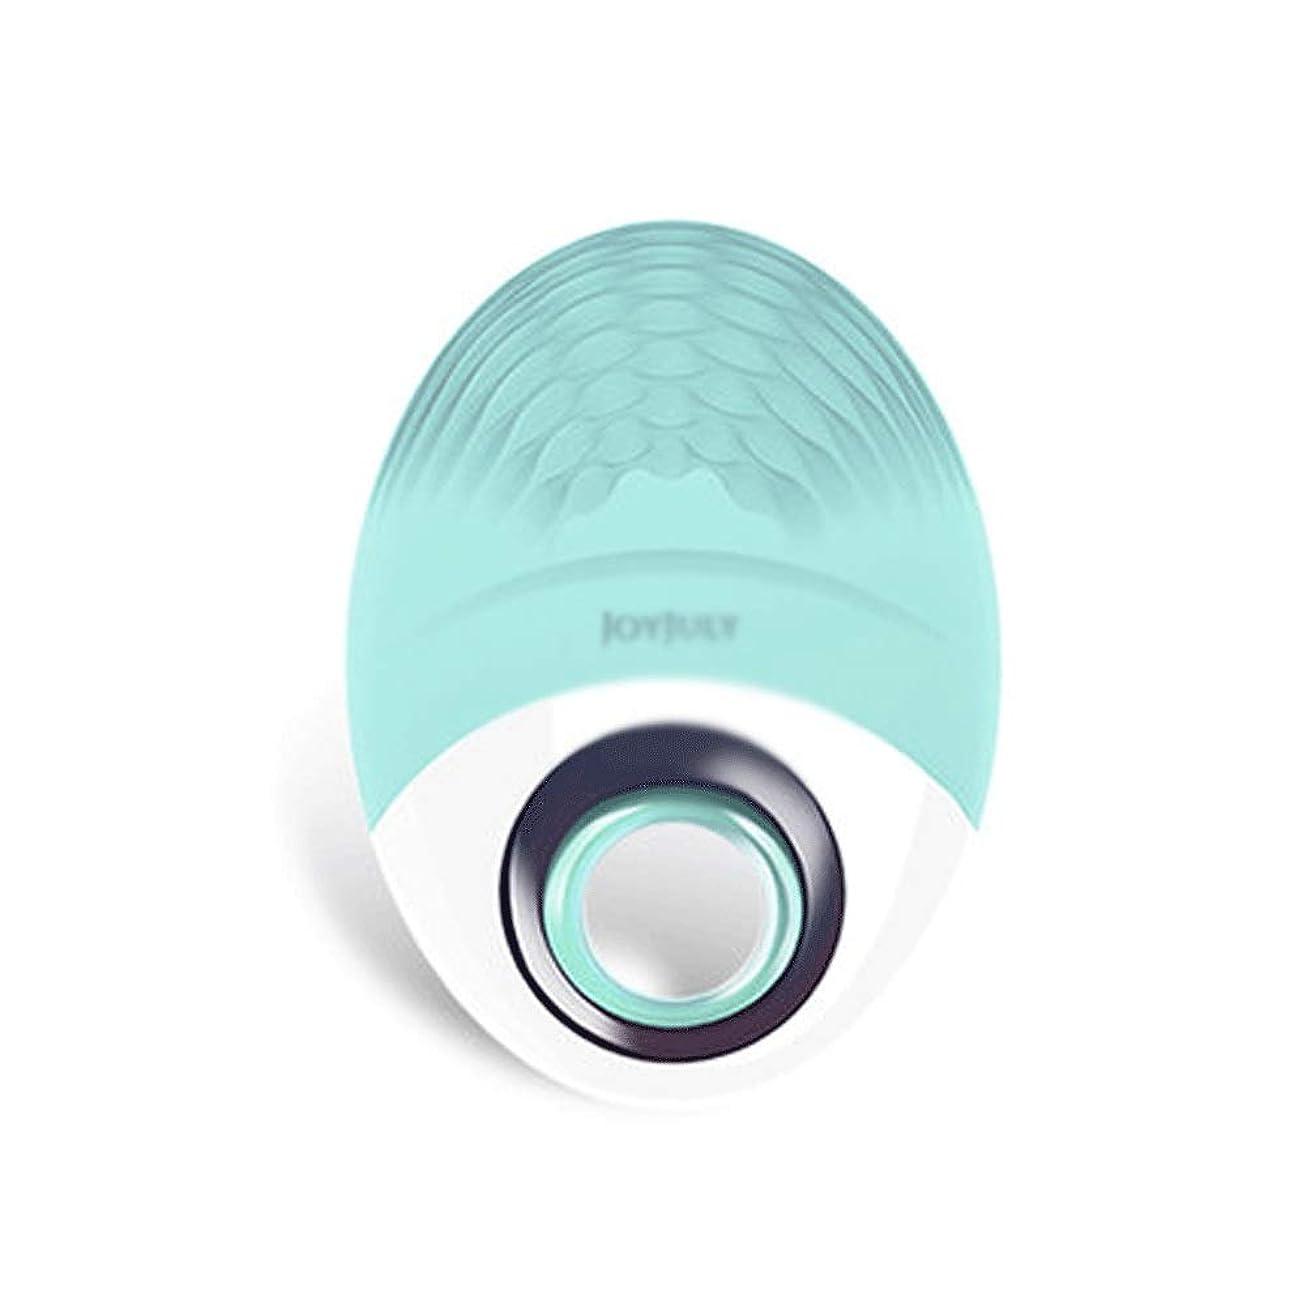 スティックトロピカルシネウィHEHUIHUI- クレンジングブラシ、ディープクレンジングフェイシャル、防水および振動クレンジングブラシ、アンチエイジング、穏やかな角質除去、マッサージ(グリーン)